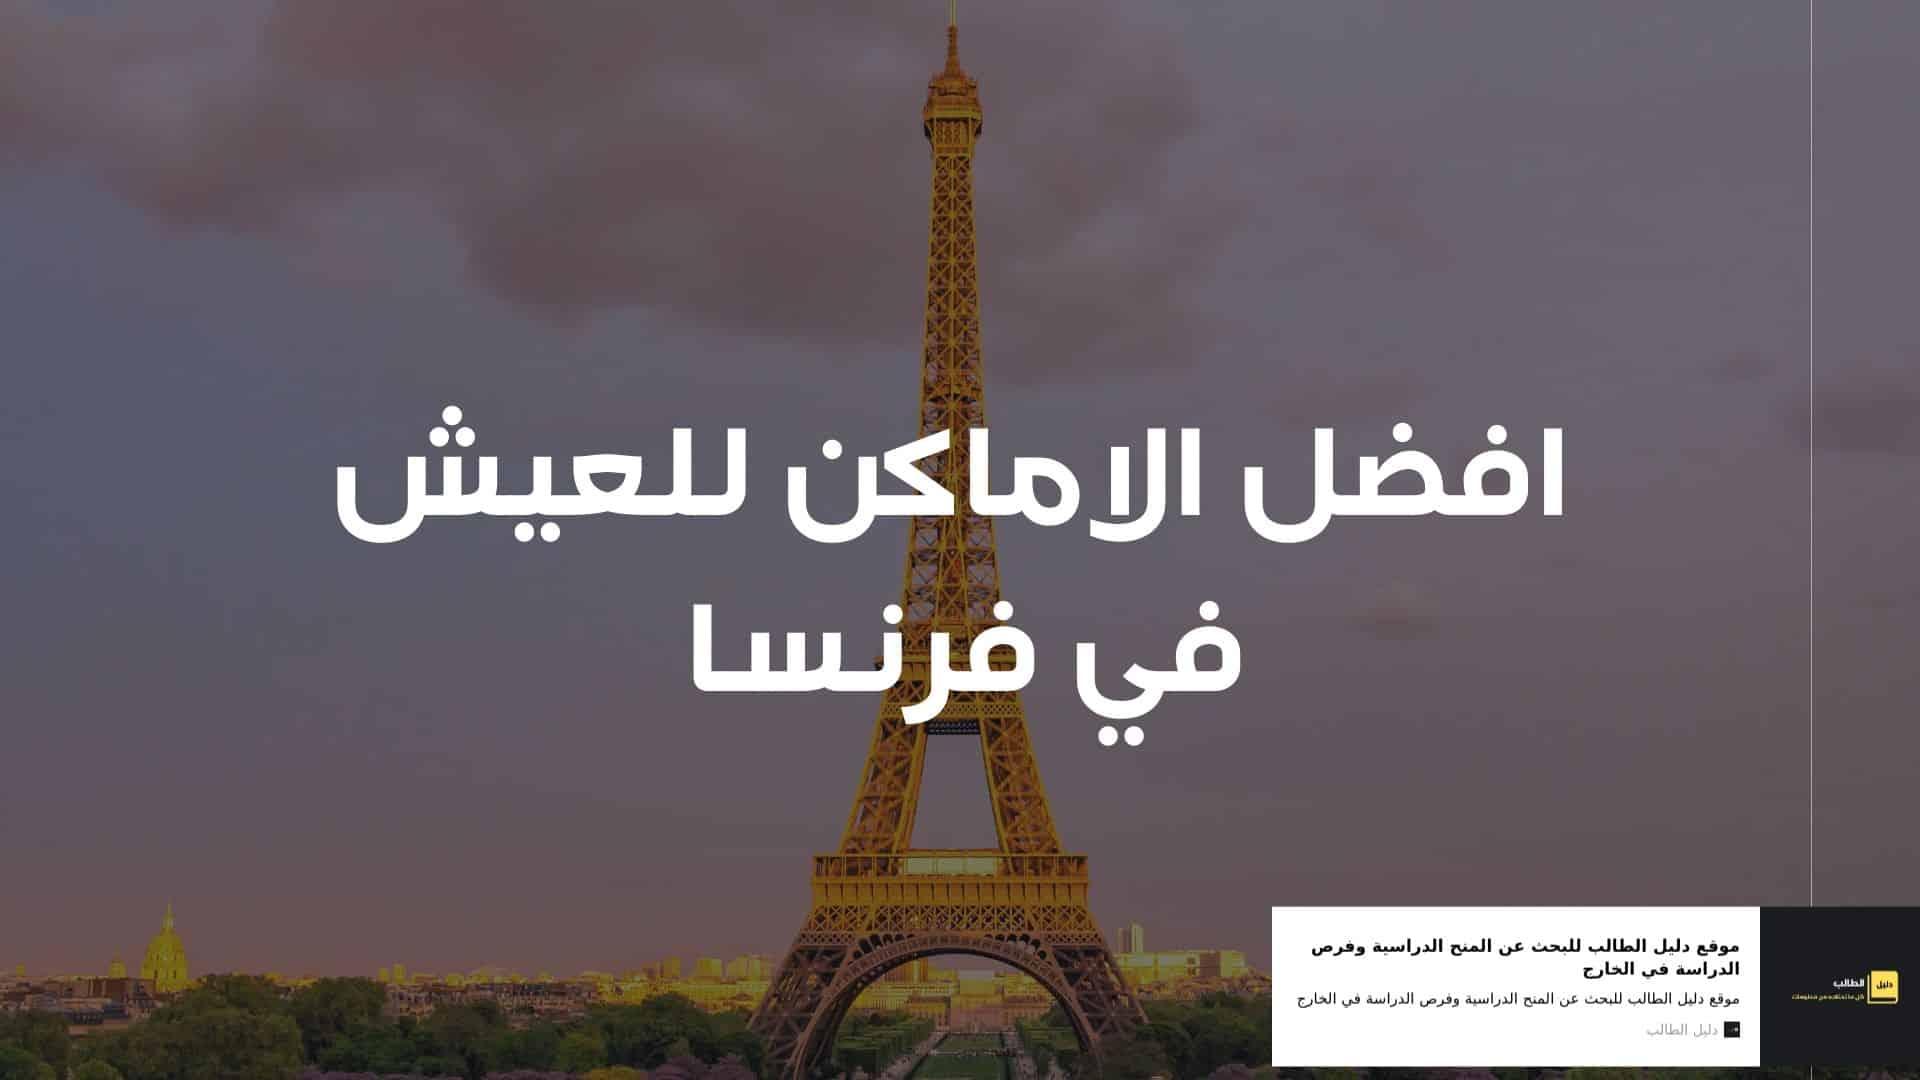 هل تريد العيش في فرنسا؟ تعرف على اجمل 19 منطقة فرنسية